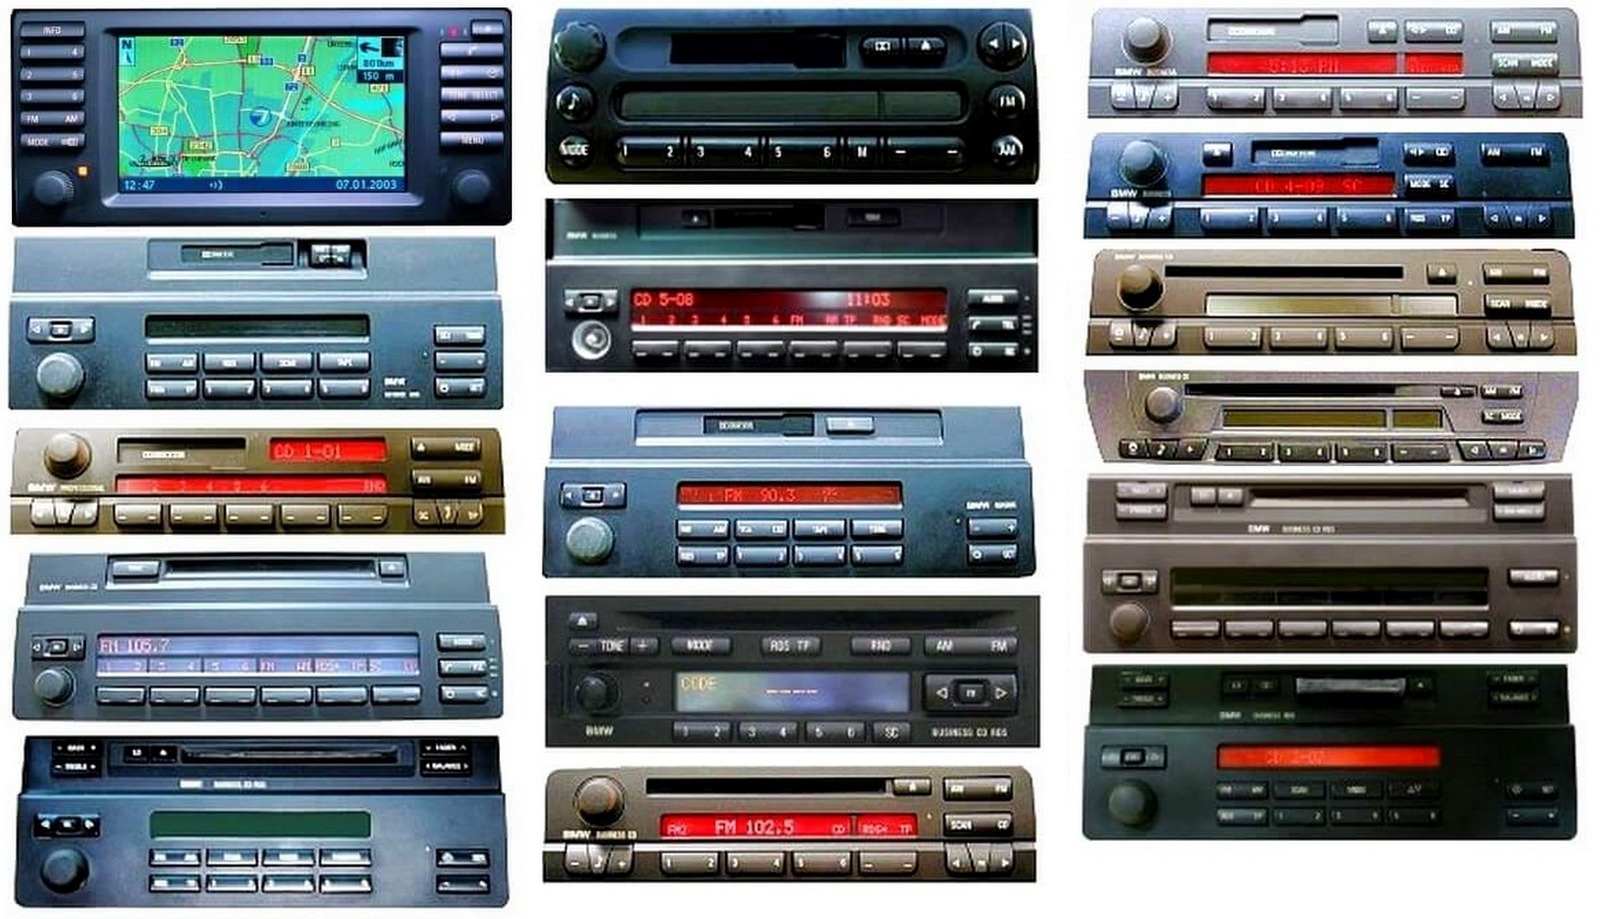 Prise Adaptateur Interface Usb Mp3 Bmw S 233 Rie 3 5 7 X3 X5 M3 M5 Z3 Z4 Z8 Chargeur Cd